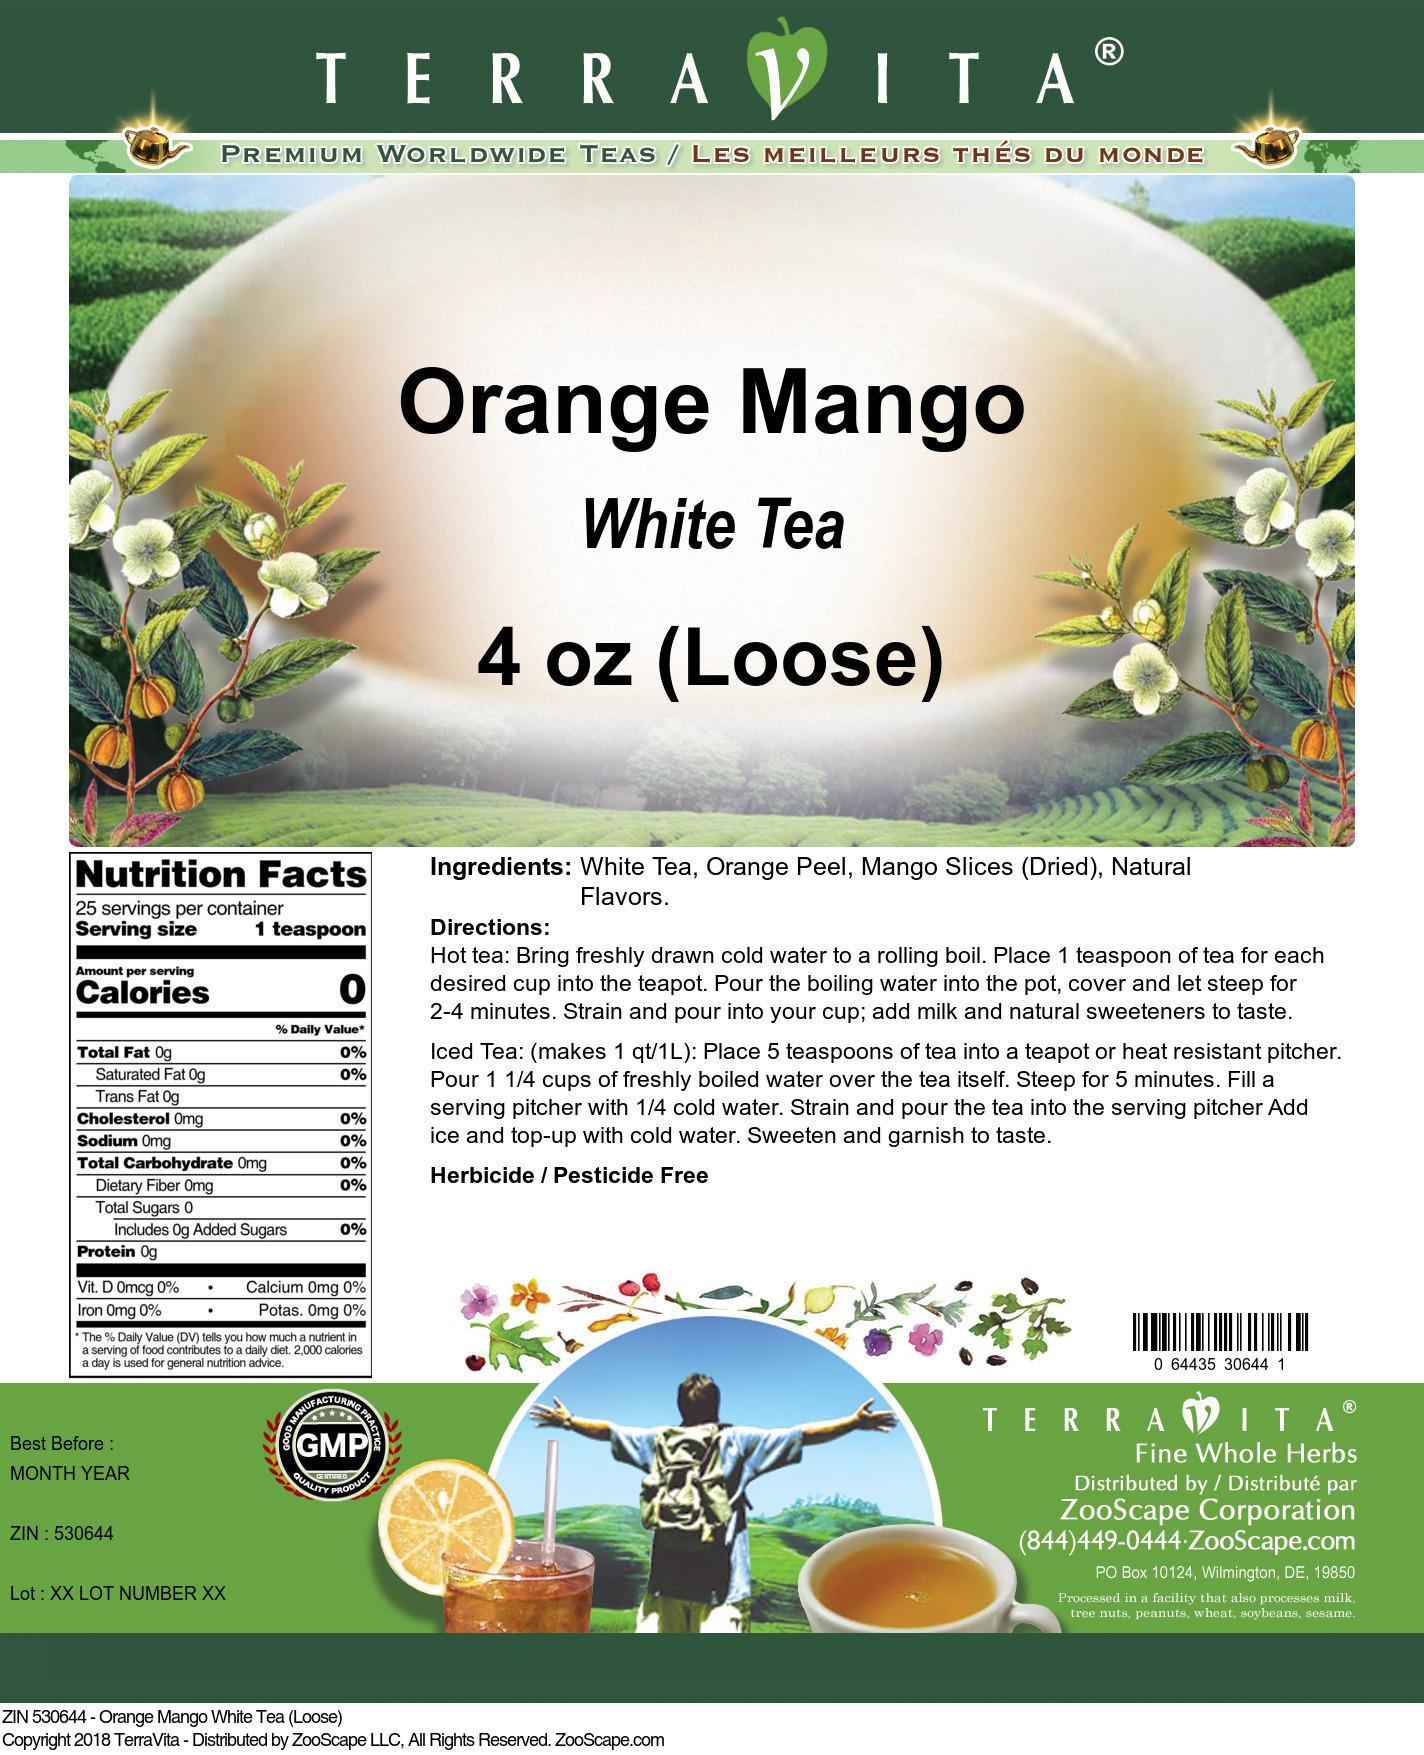 Orange Mango White Tea